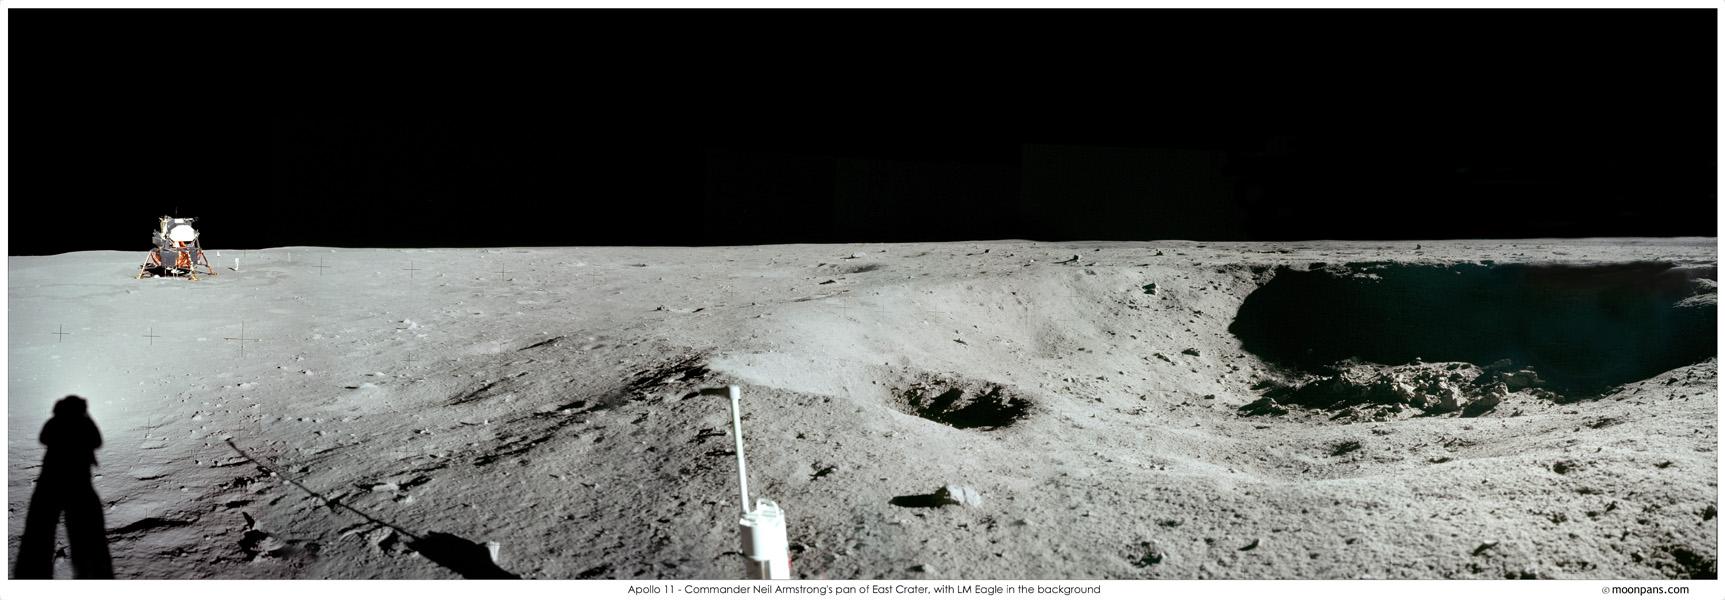 What If Apollo 11 Failed? President Nixon Had Speech Ready